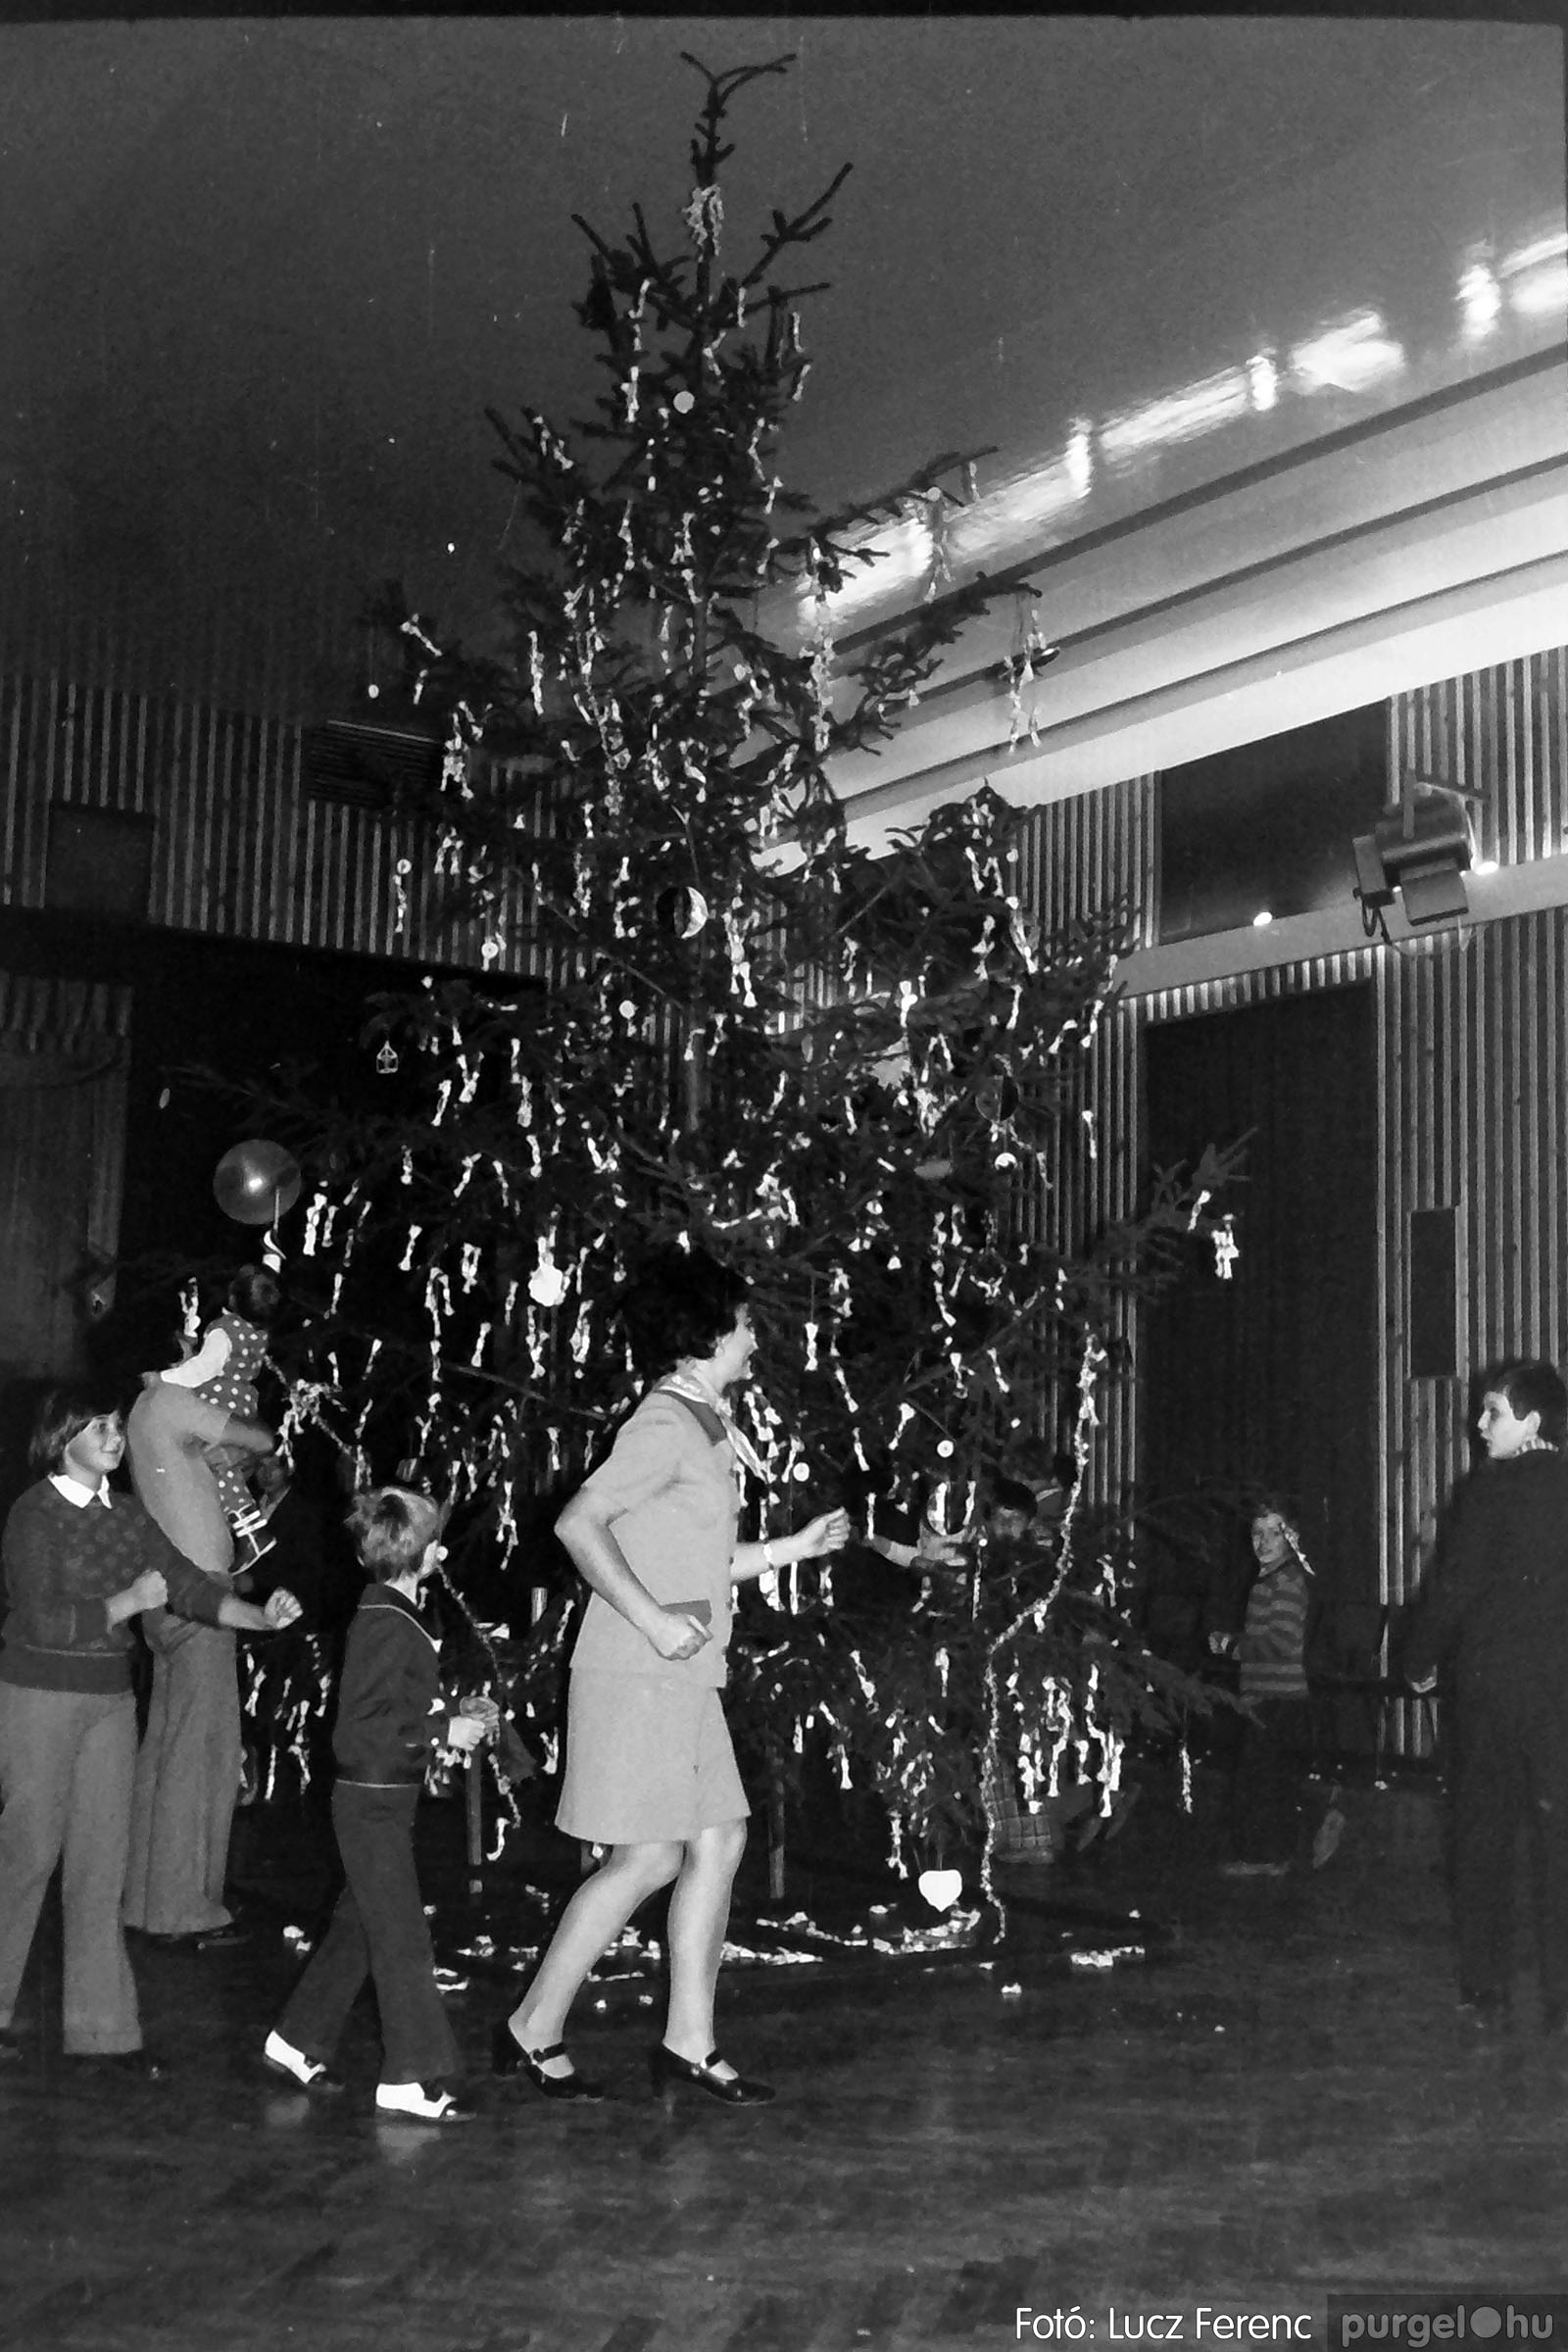 029 1975. Karácsonyi ünnepség a kultúrházban 003 - Fotó: Lucz Ferenc.jpg